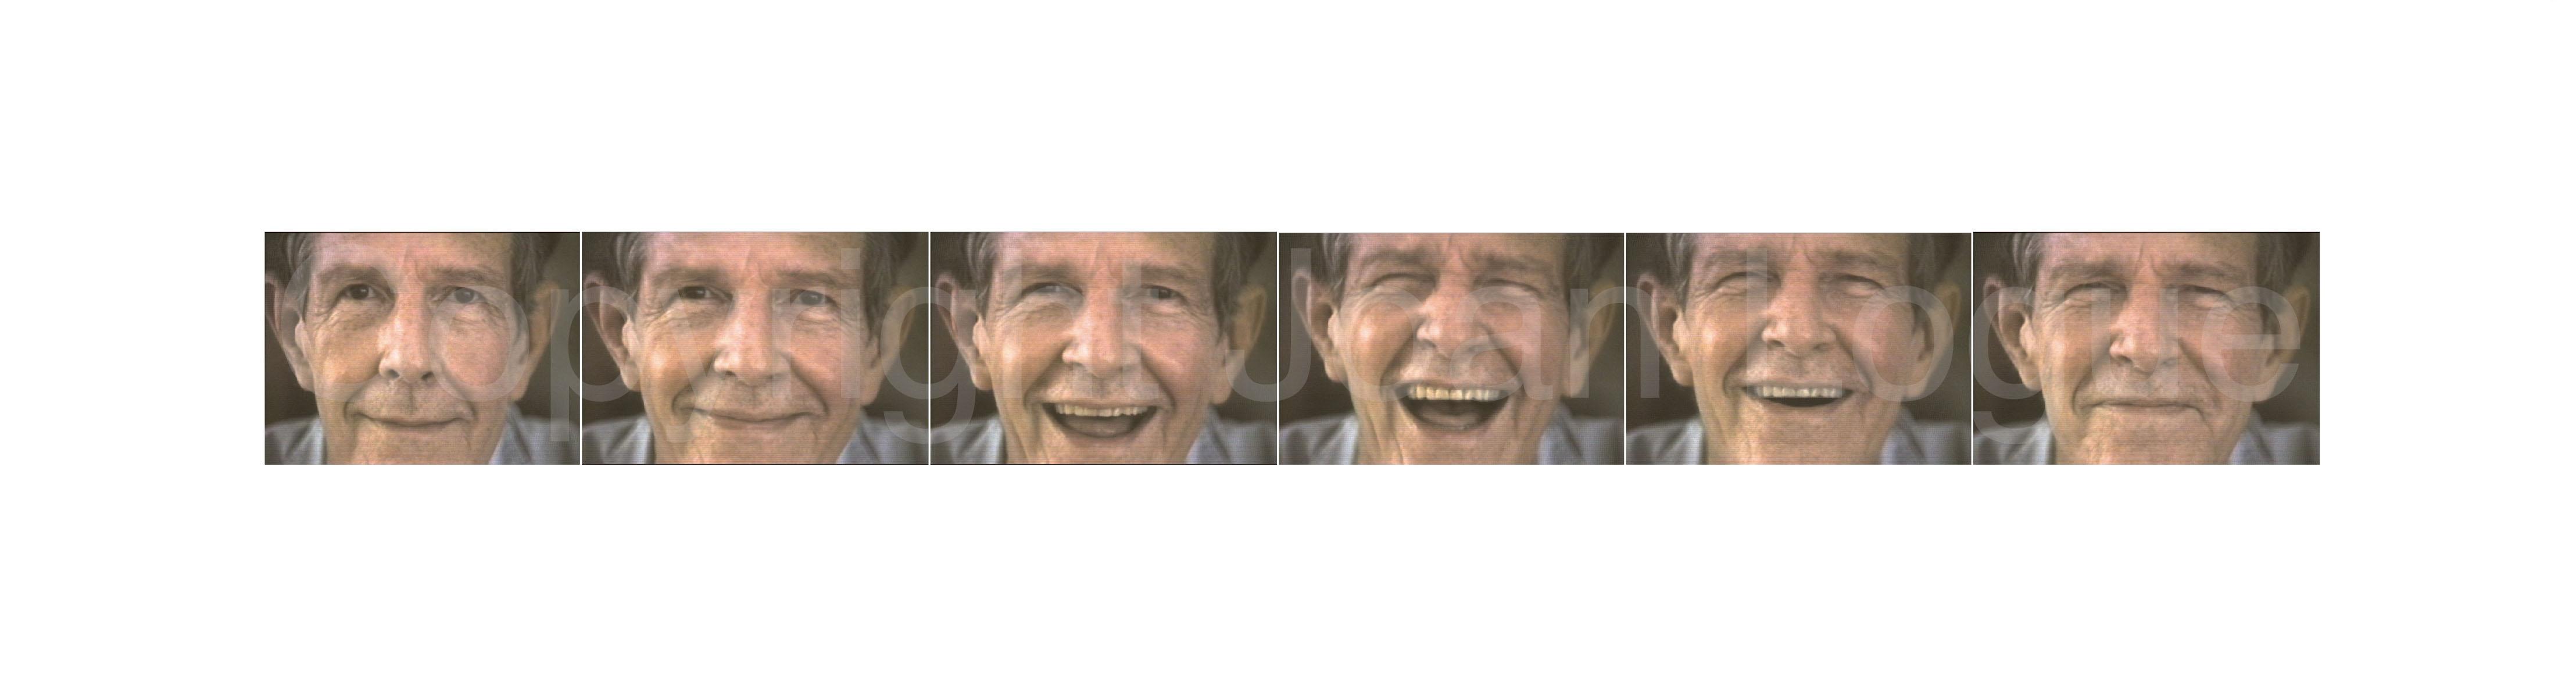 John Cage Video Portrait